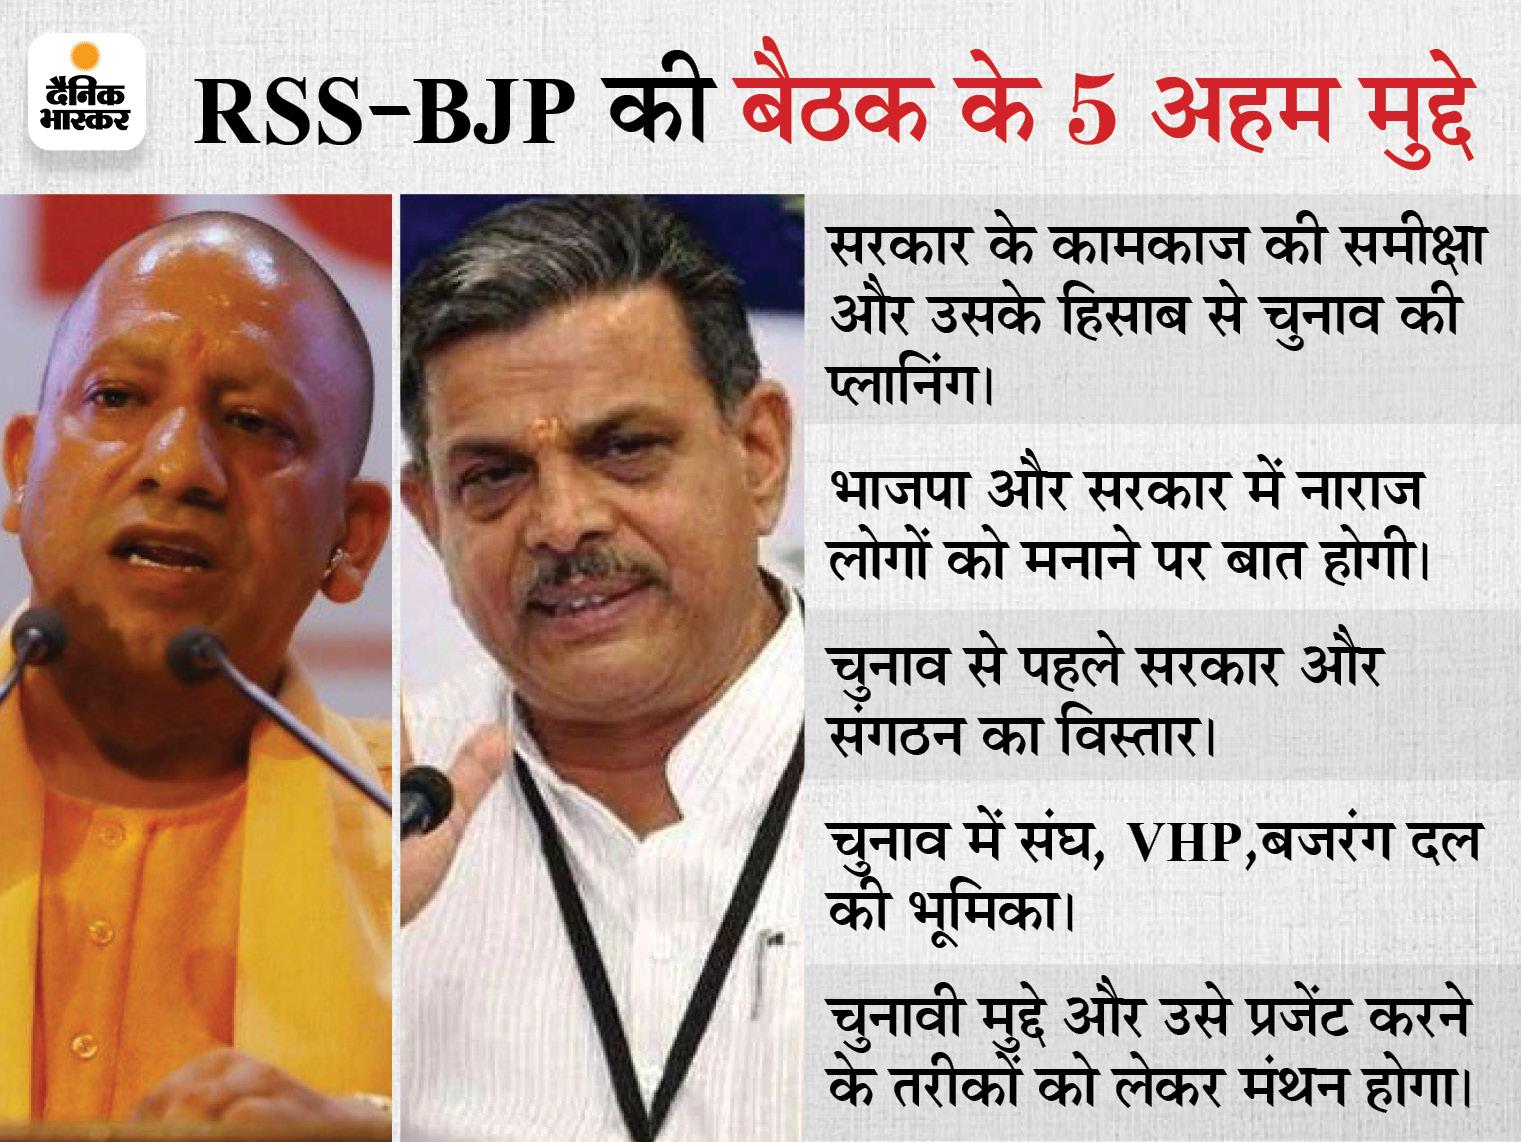 सरकार के कामकाज को लेकर 5 घंटे तक चली समन्वय बैठक, CM योगी और डिप्टी सीएम केशव भी रहे मौजूद; सरकार के कामकाज पर हुई चर्चा|उत्तरप्रदेश,Uttar Pradesh - Dainik Bhaskar